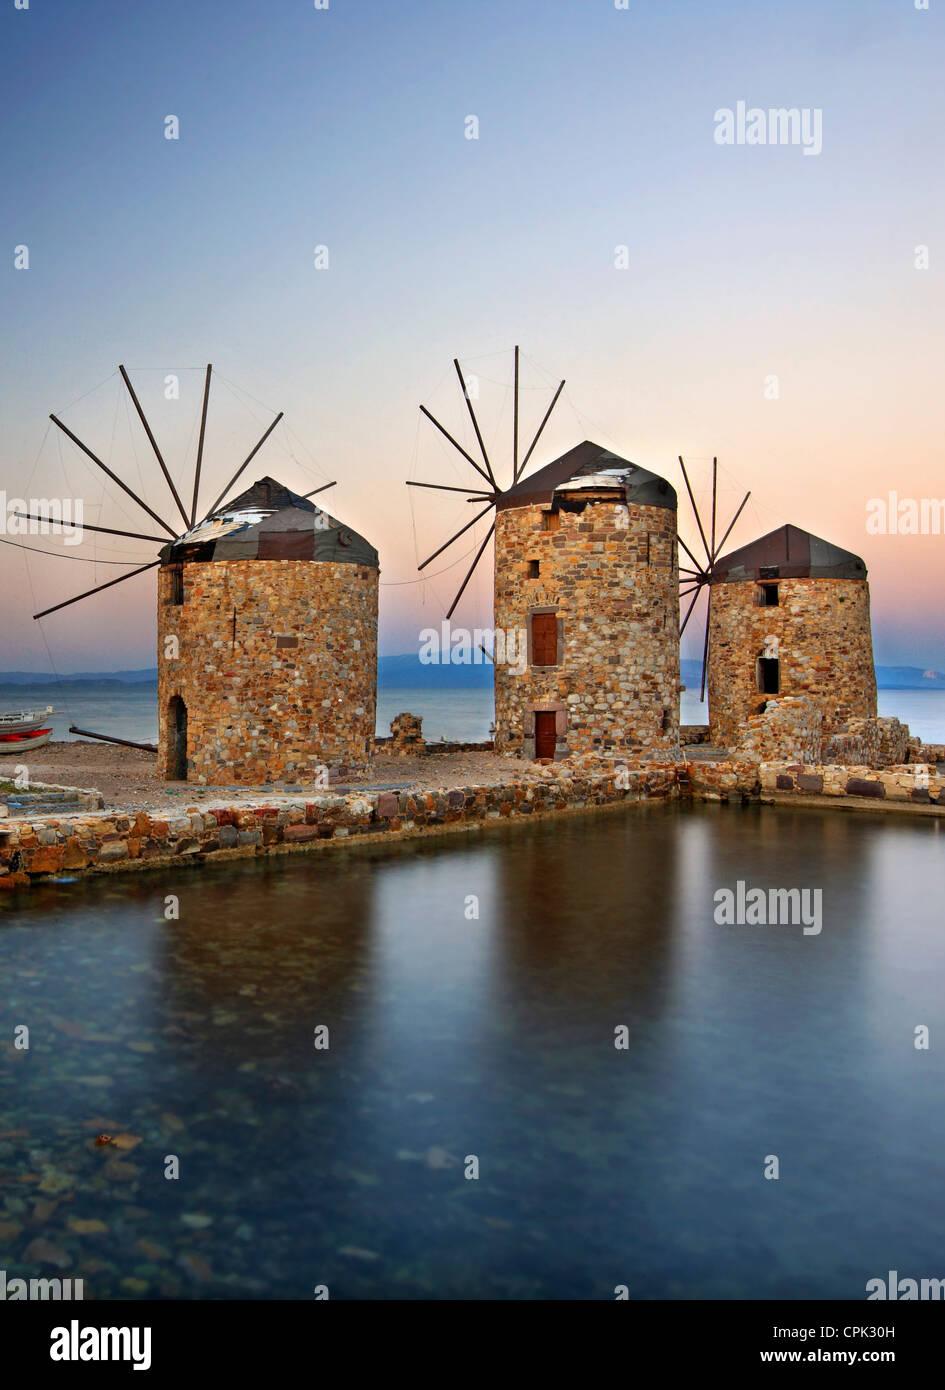 Schöne Windmühlen direkt am Meer in der Stadt Chios, Chios Insel Nordost Ägäis, Griechenland Stockbild